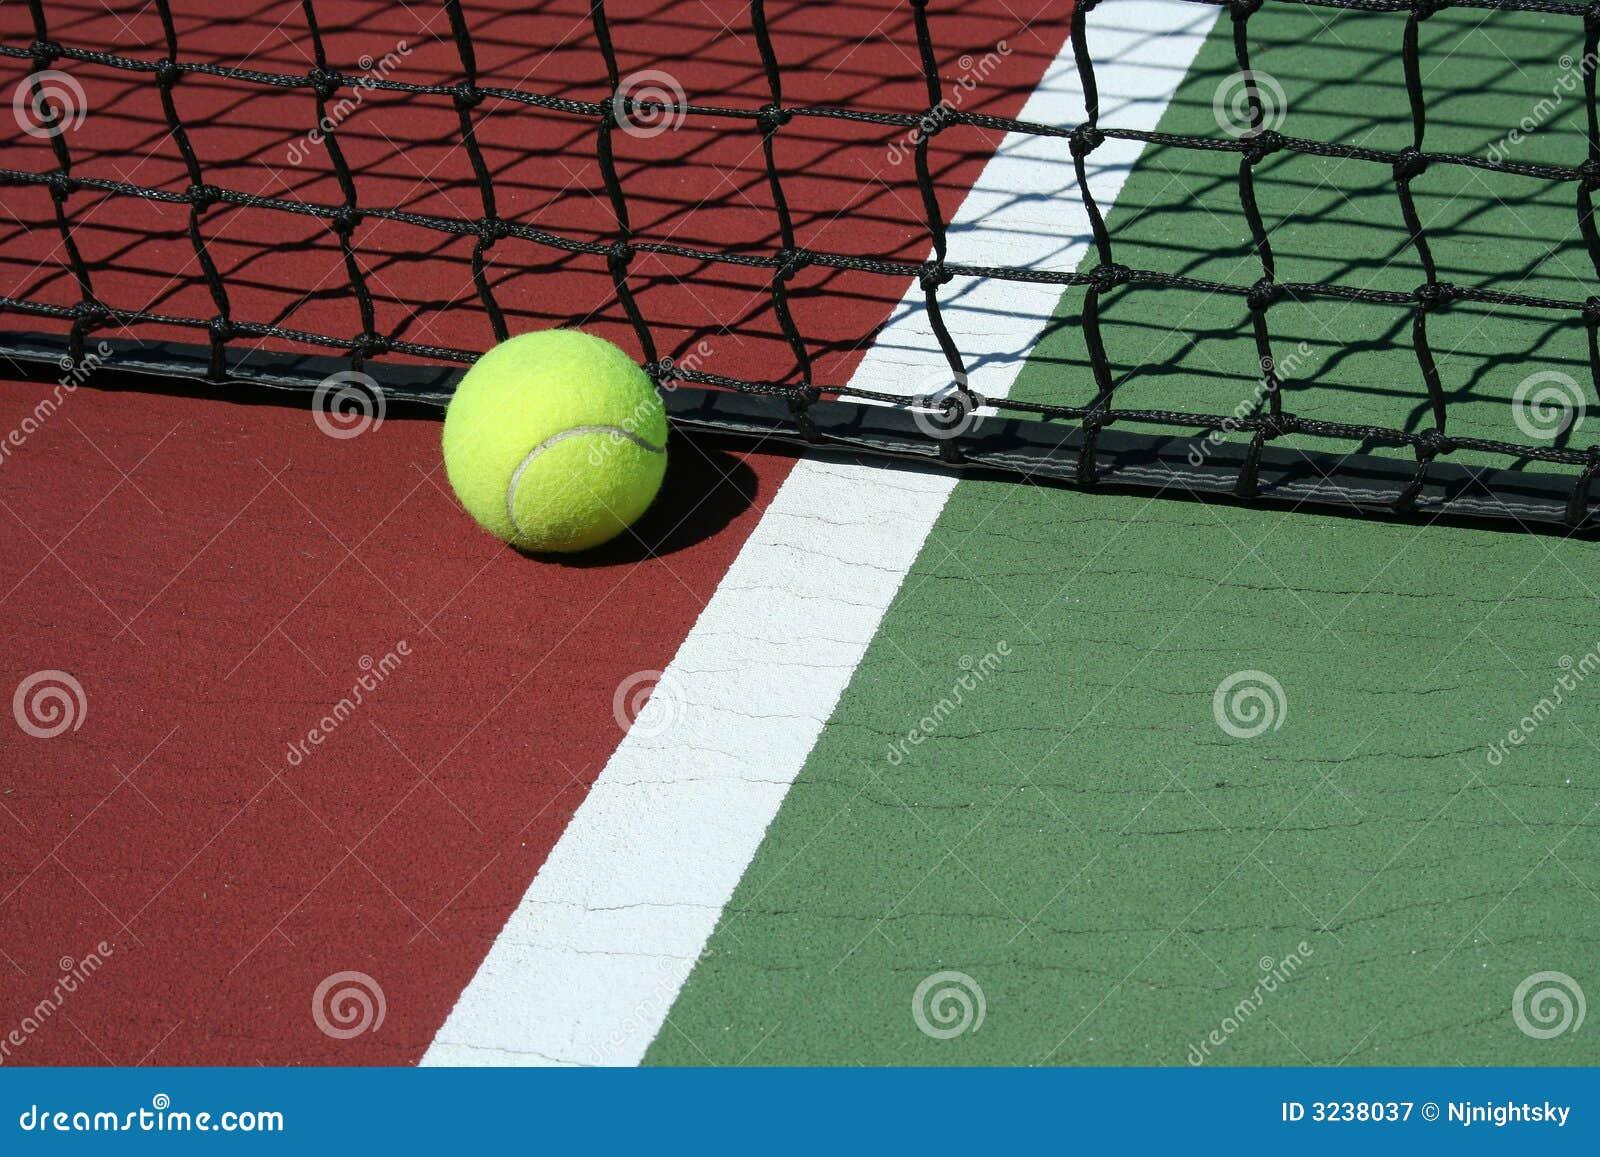 De bal van het tennis uit grenzen royalty vrije stock fotografie afbeelding 3238037 - Sterke witte werpen en de bal ...